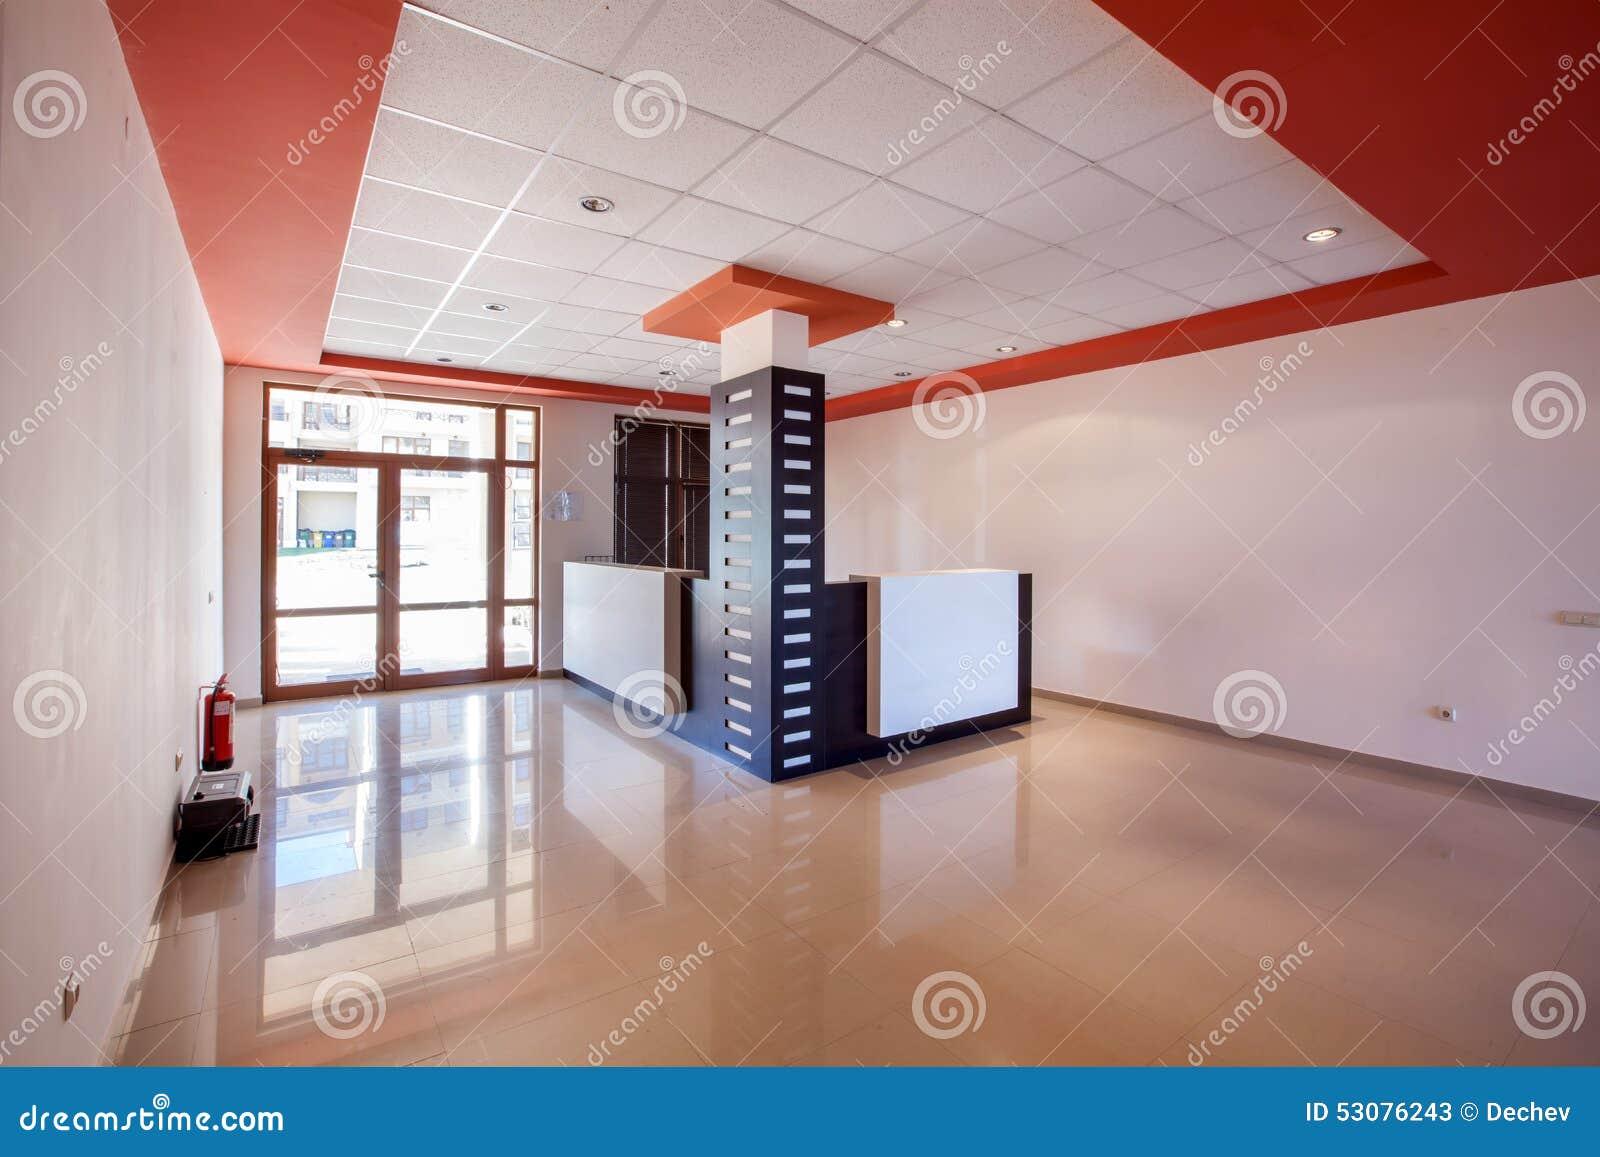 κενό δωμάτιο εσωτερικός αίθουσα υποδοχής στο σύγχρονο κτήριο